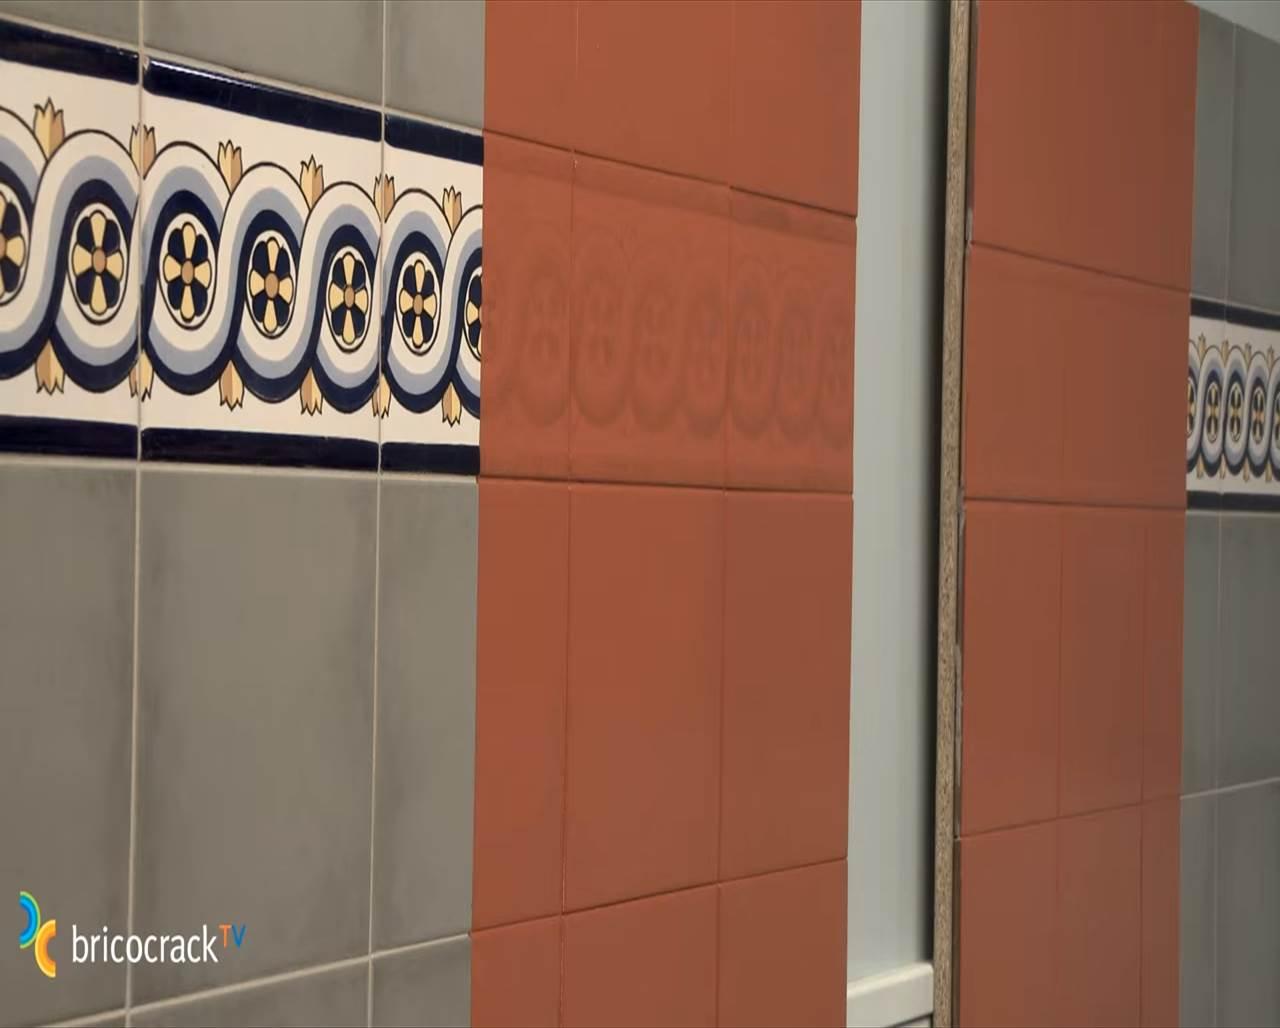 C mo renovar una pared azulejos con esmalte sint tico - Pintura esmalte sintetico ...